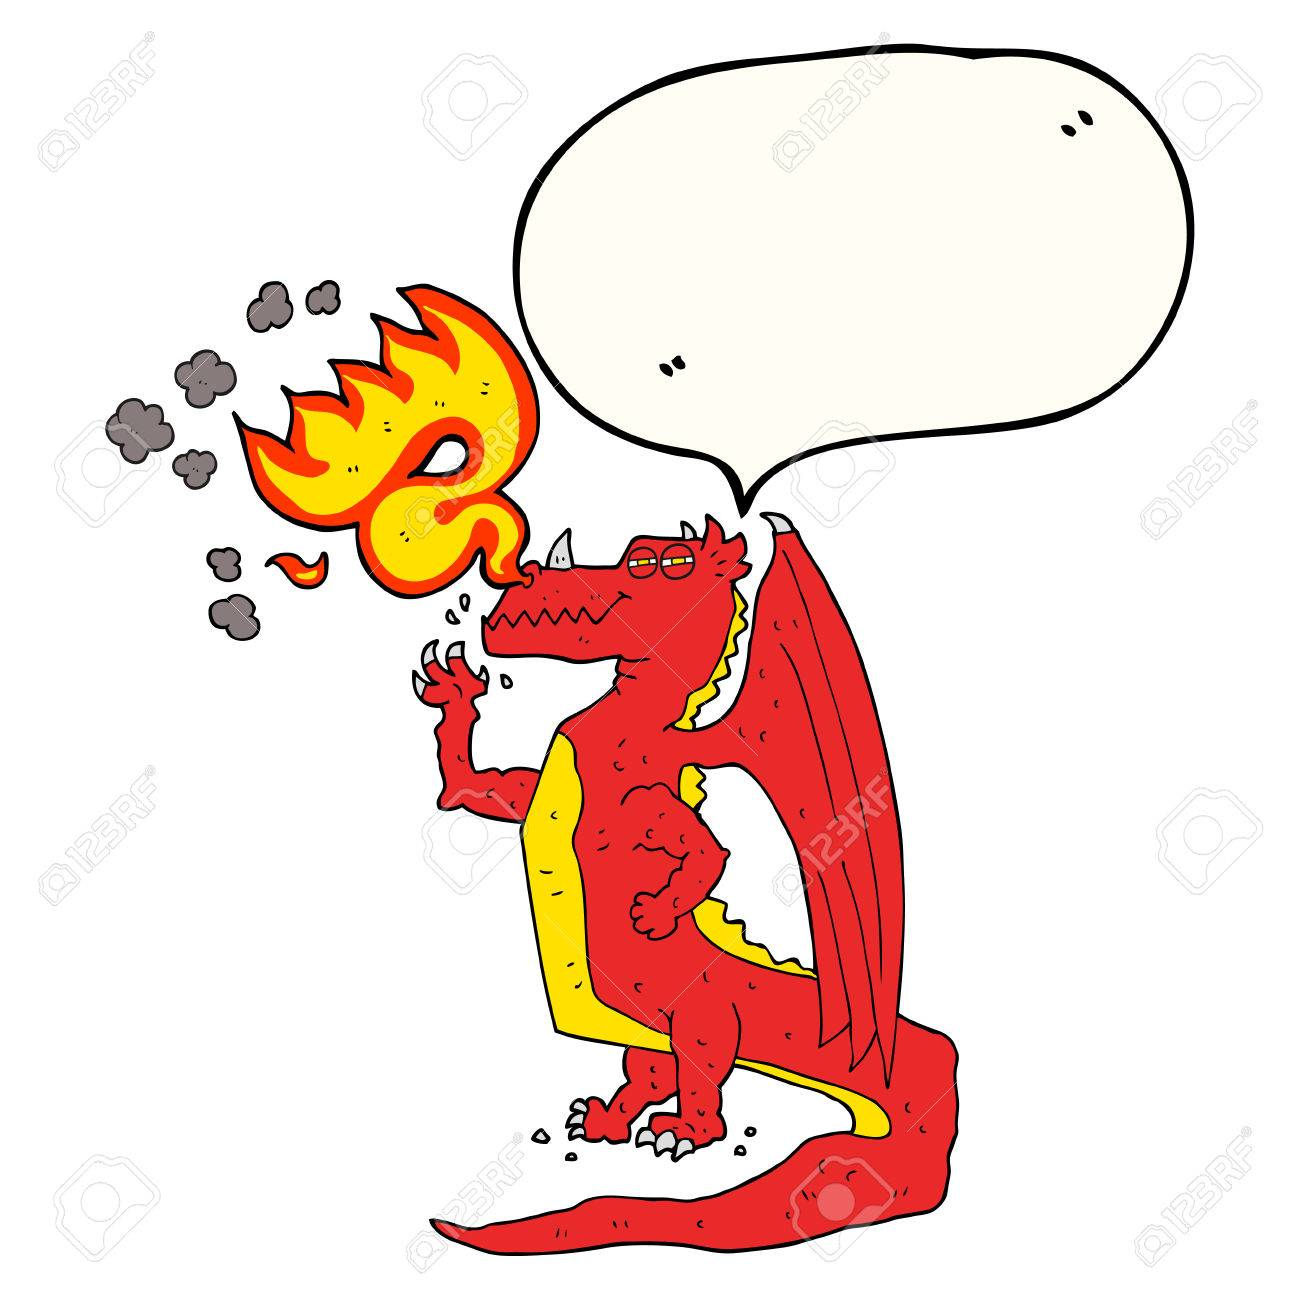 Freihändig Gezeichnet Sprechblase Cartoon Glücklich Drachen Feuer ...